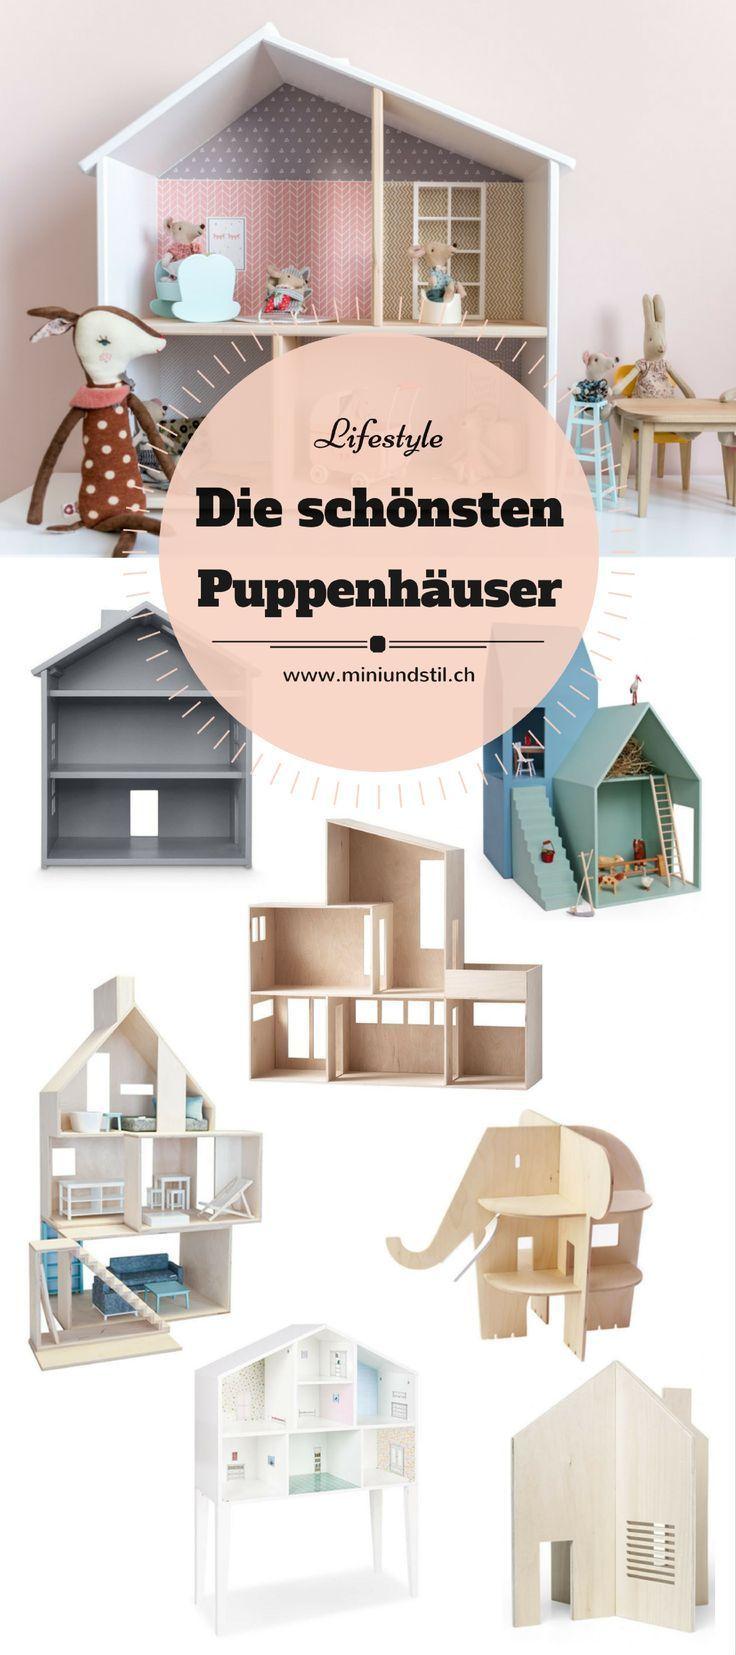 DIY: Unser neues Puppenhaus und seine Bewohner